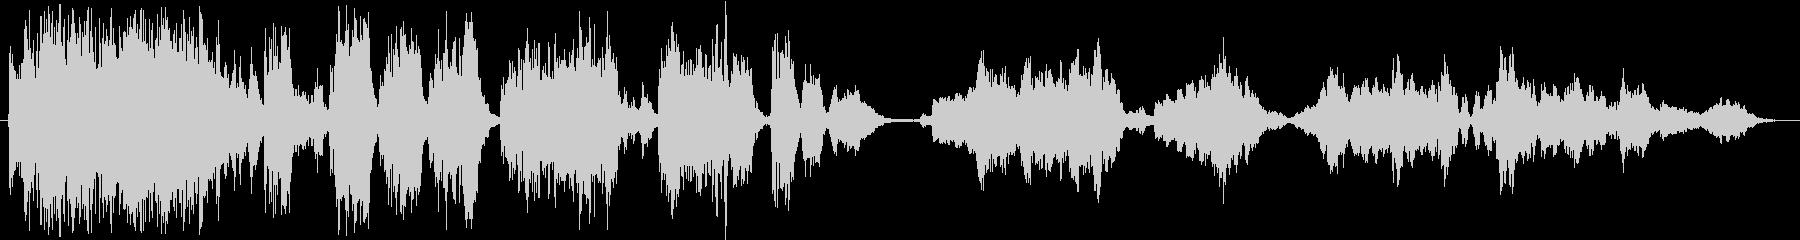 クラシック 楽しげ ハイテク エキ...の未再生の波形